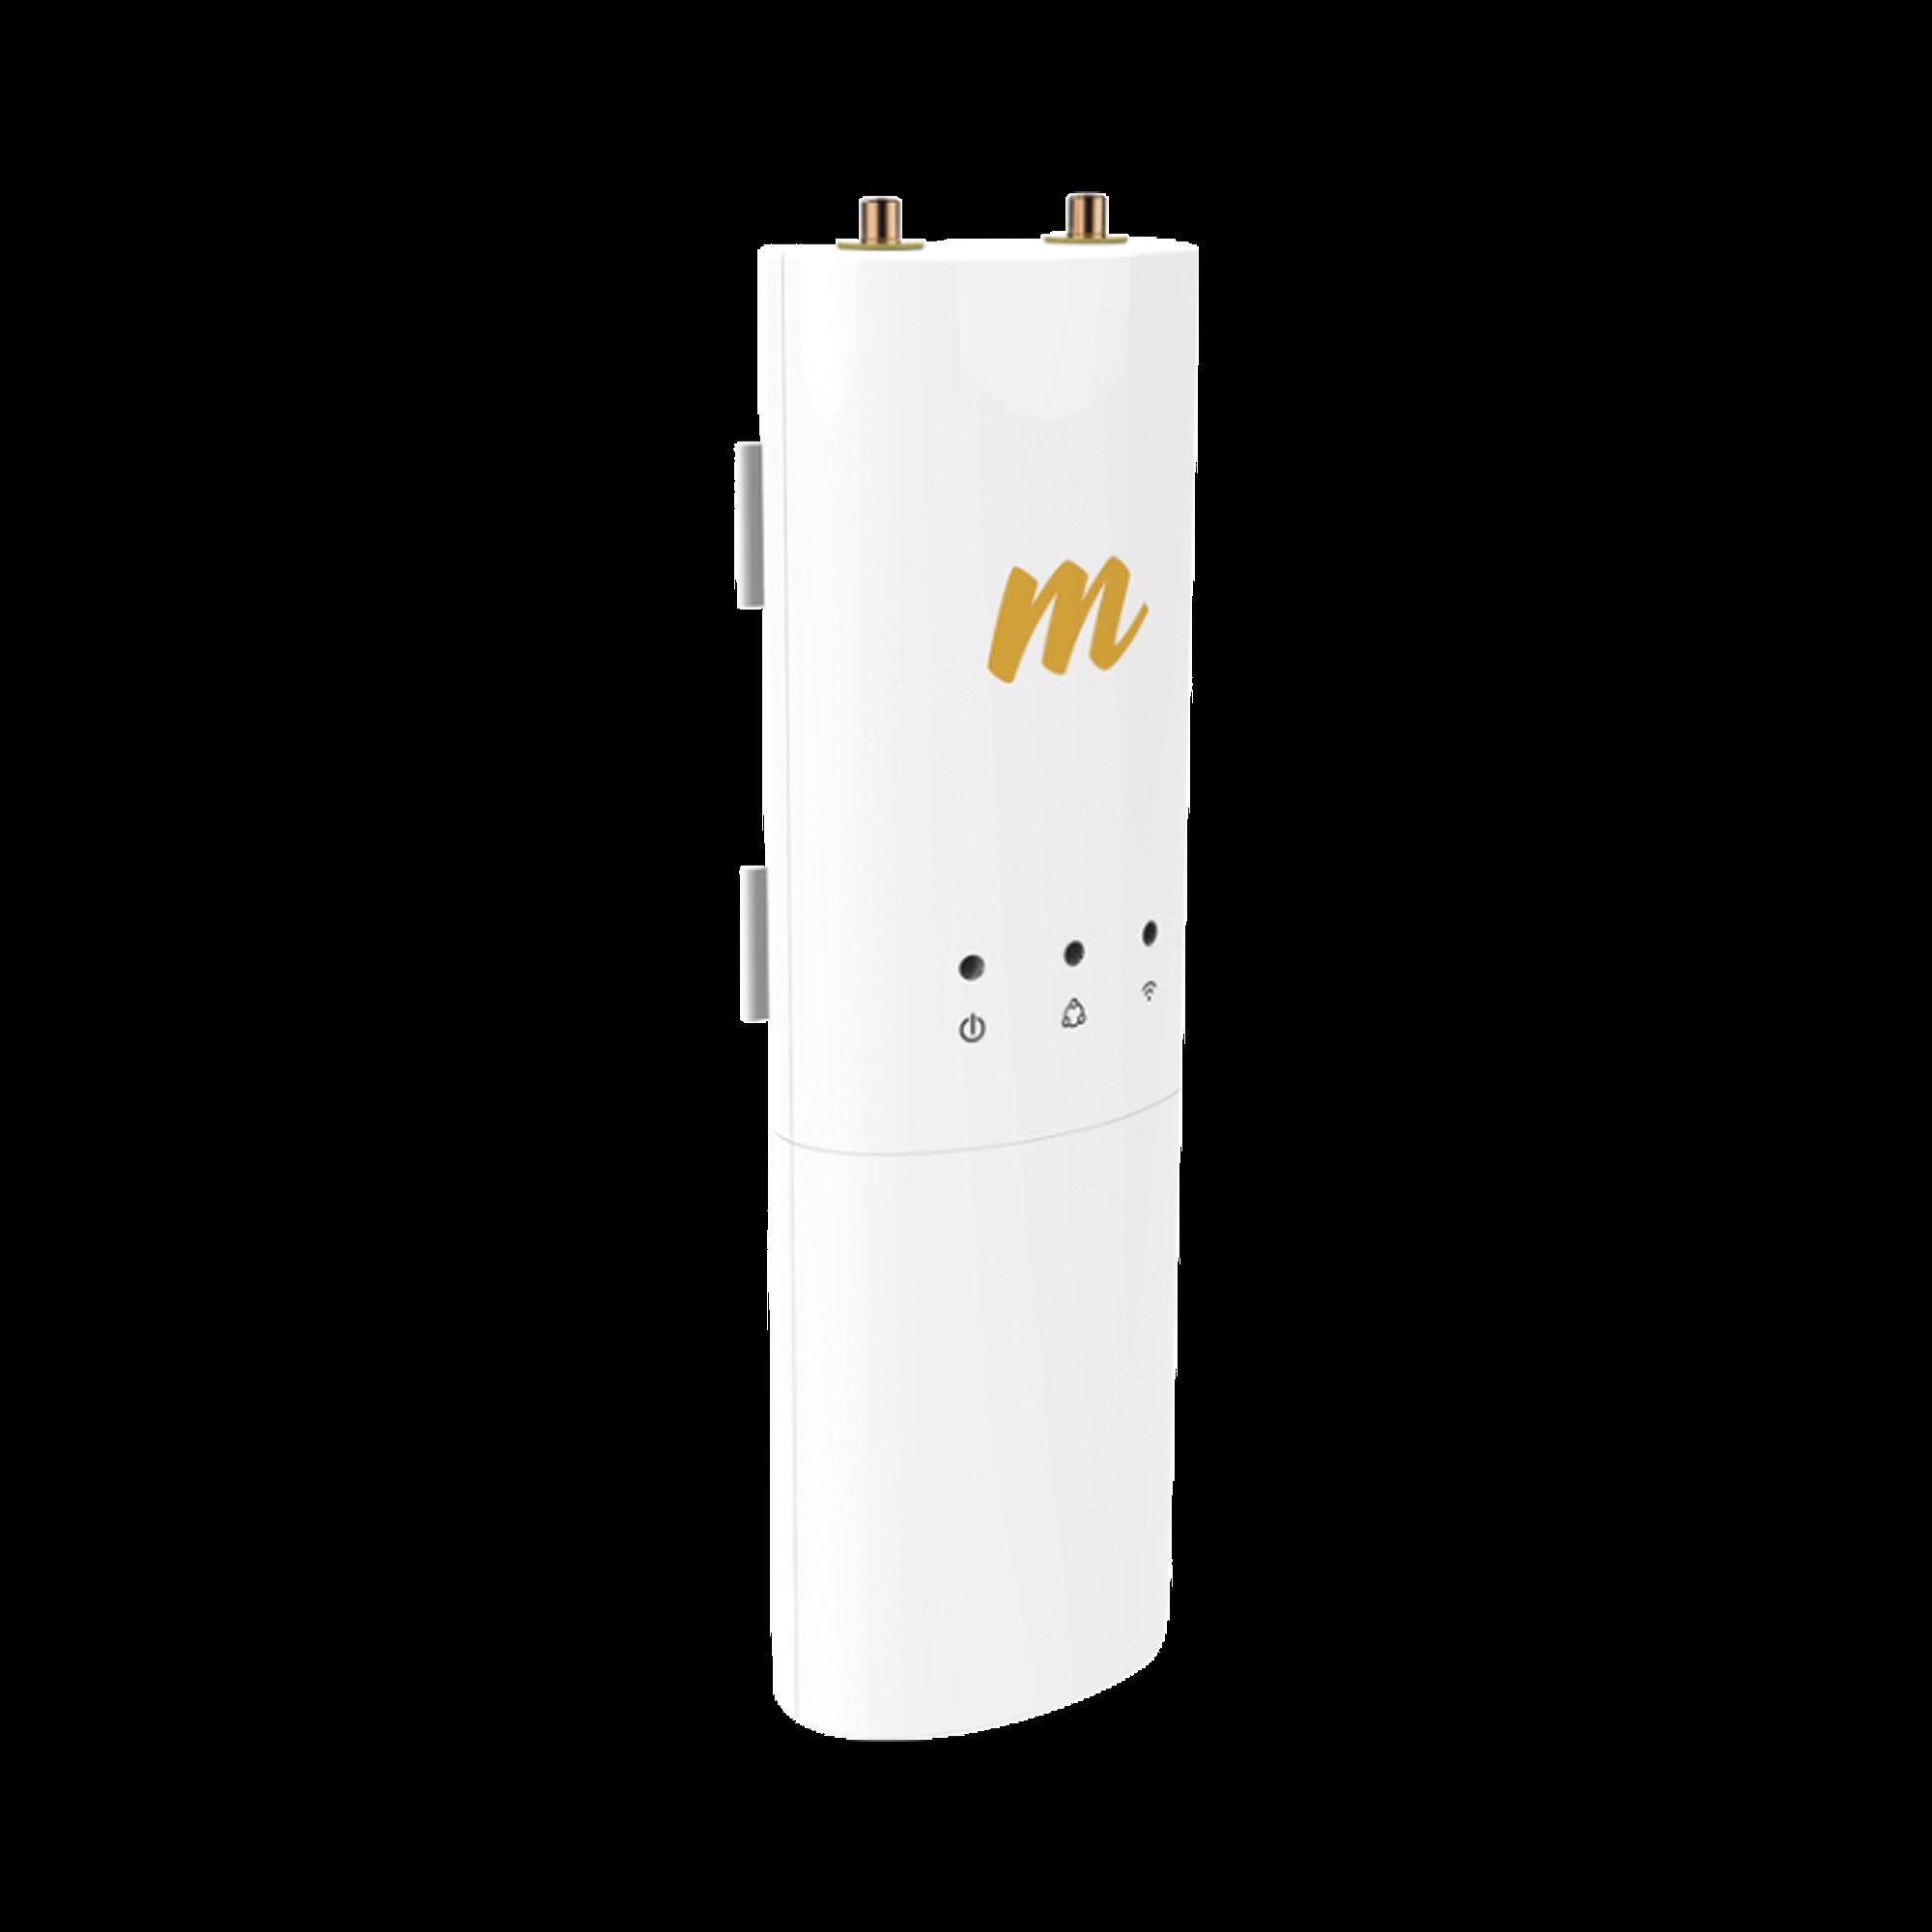 Radio modular hasta 500 Mbps de 4.9-6.4 GHz, IP55, 2x2:2 MIMO, Monitoreo a traves de la nube, Adaptacion automatica al entorno.